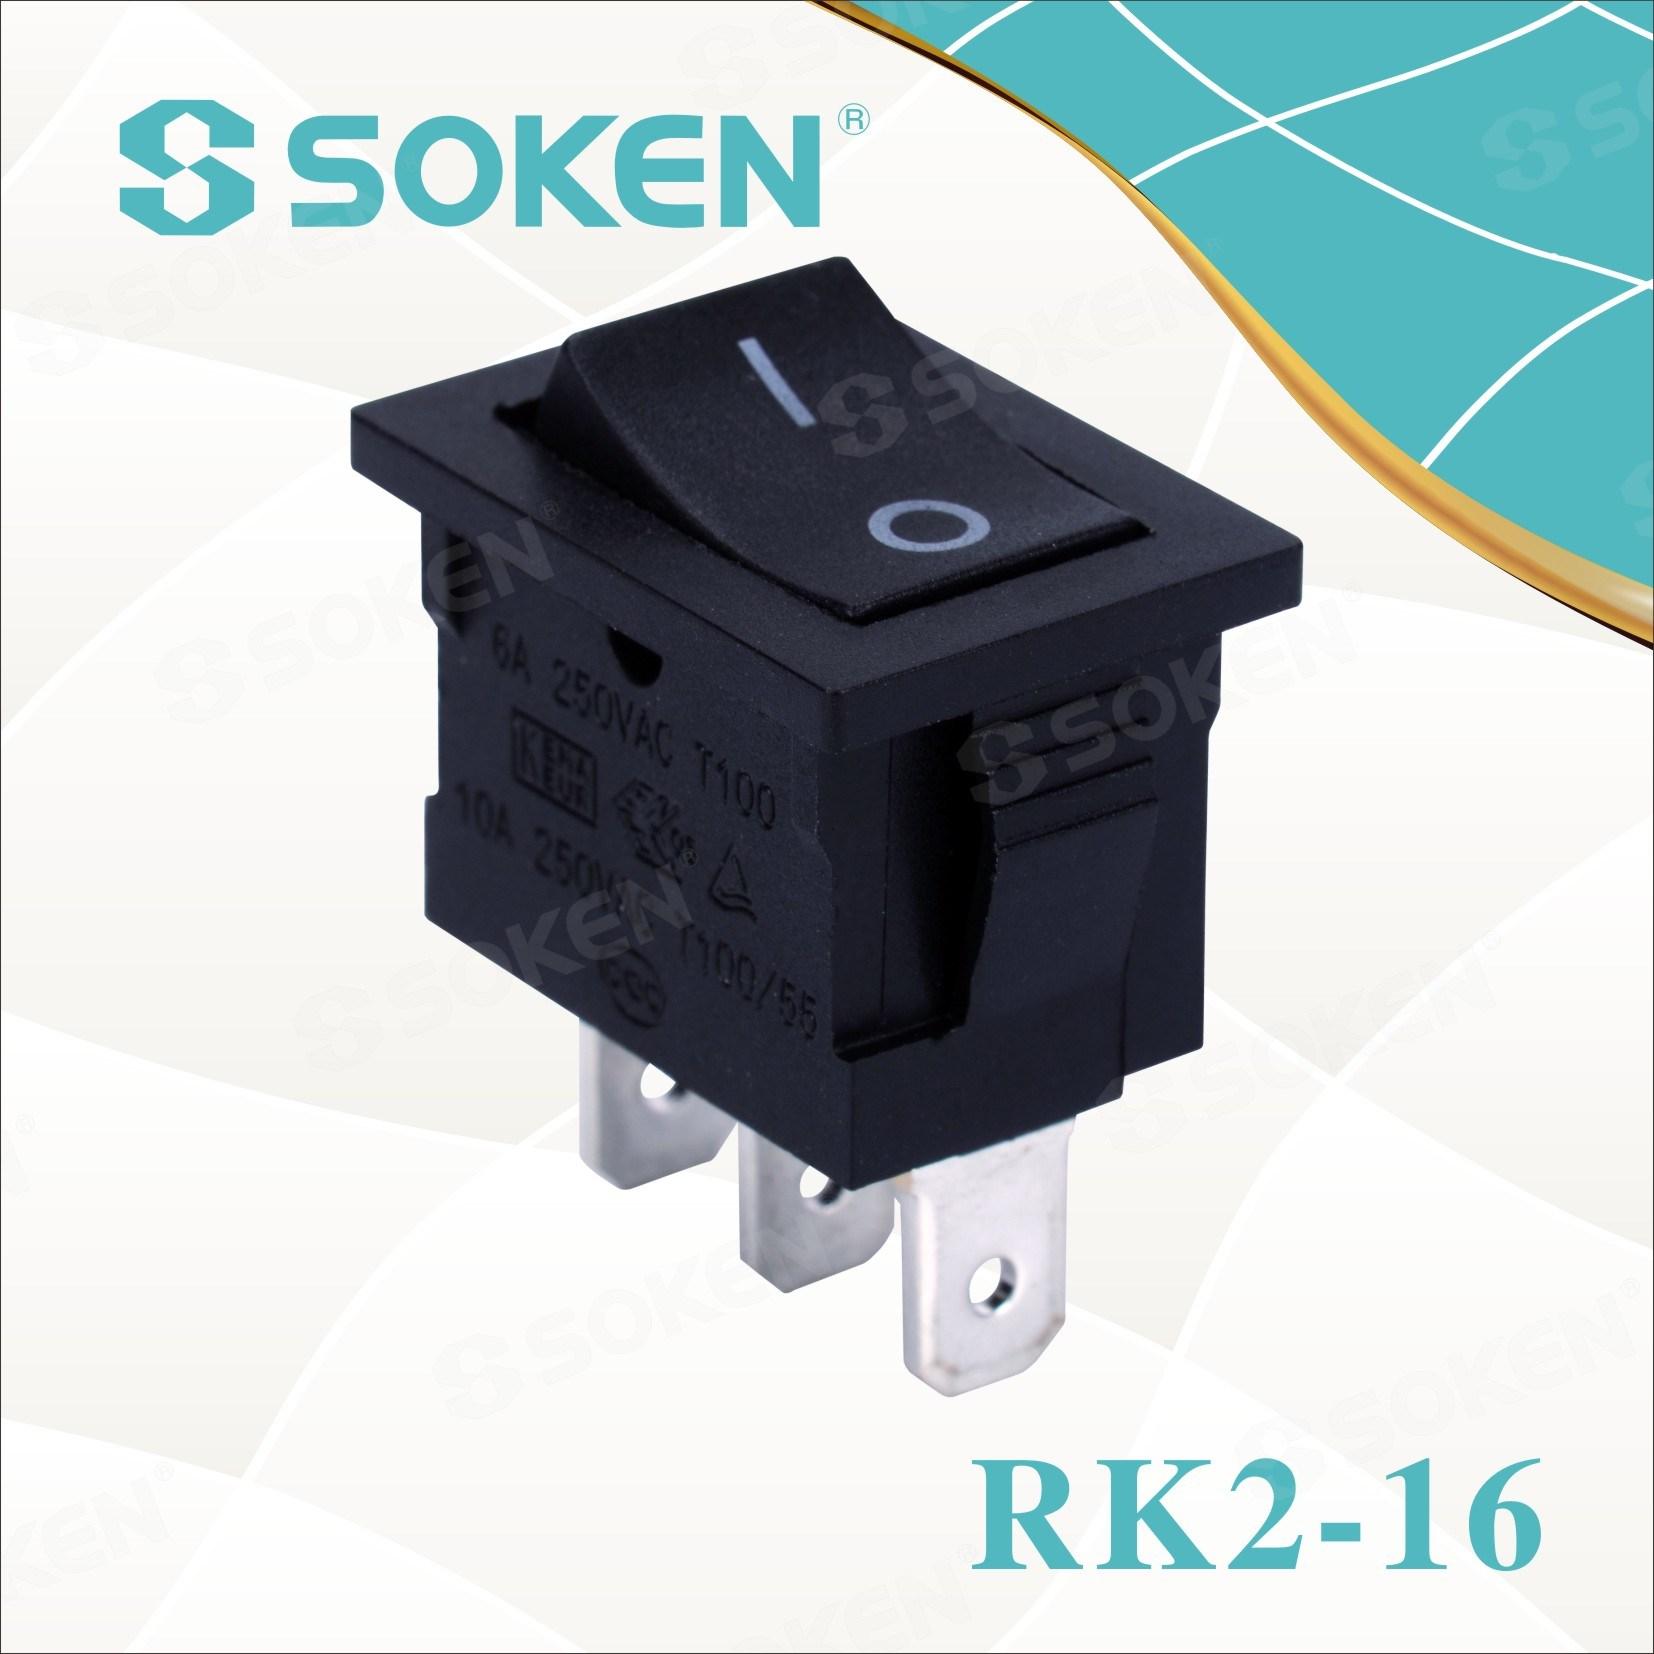 Sokne Rk2-16 1X2 li ser Rocker Switch